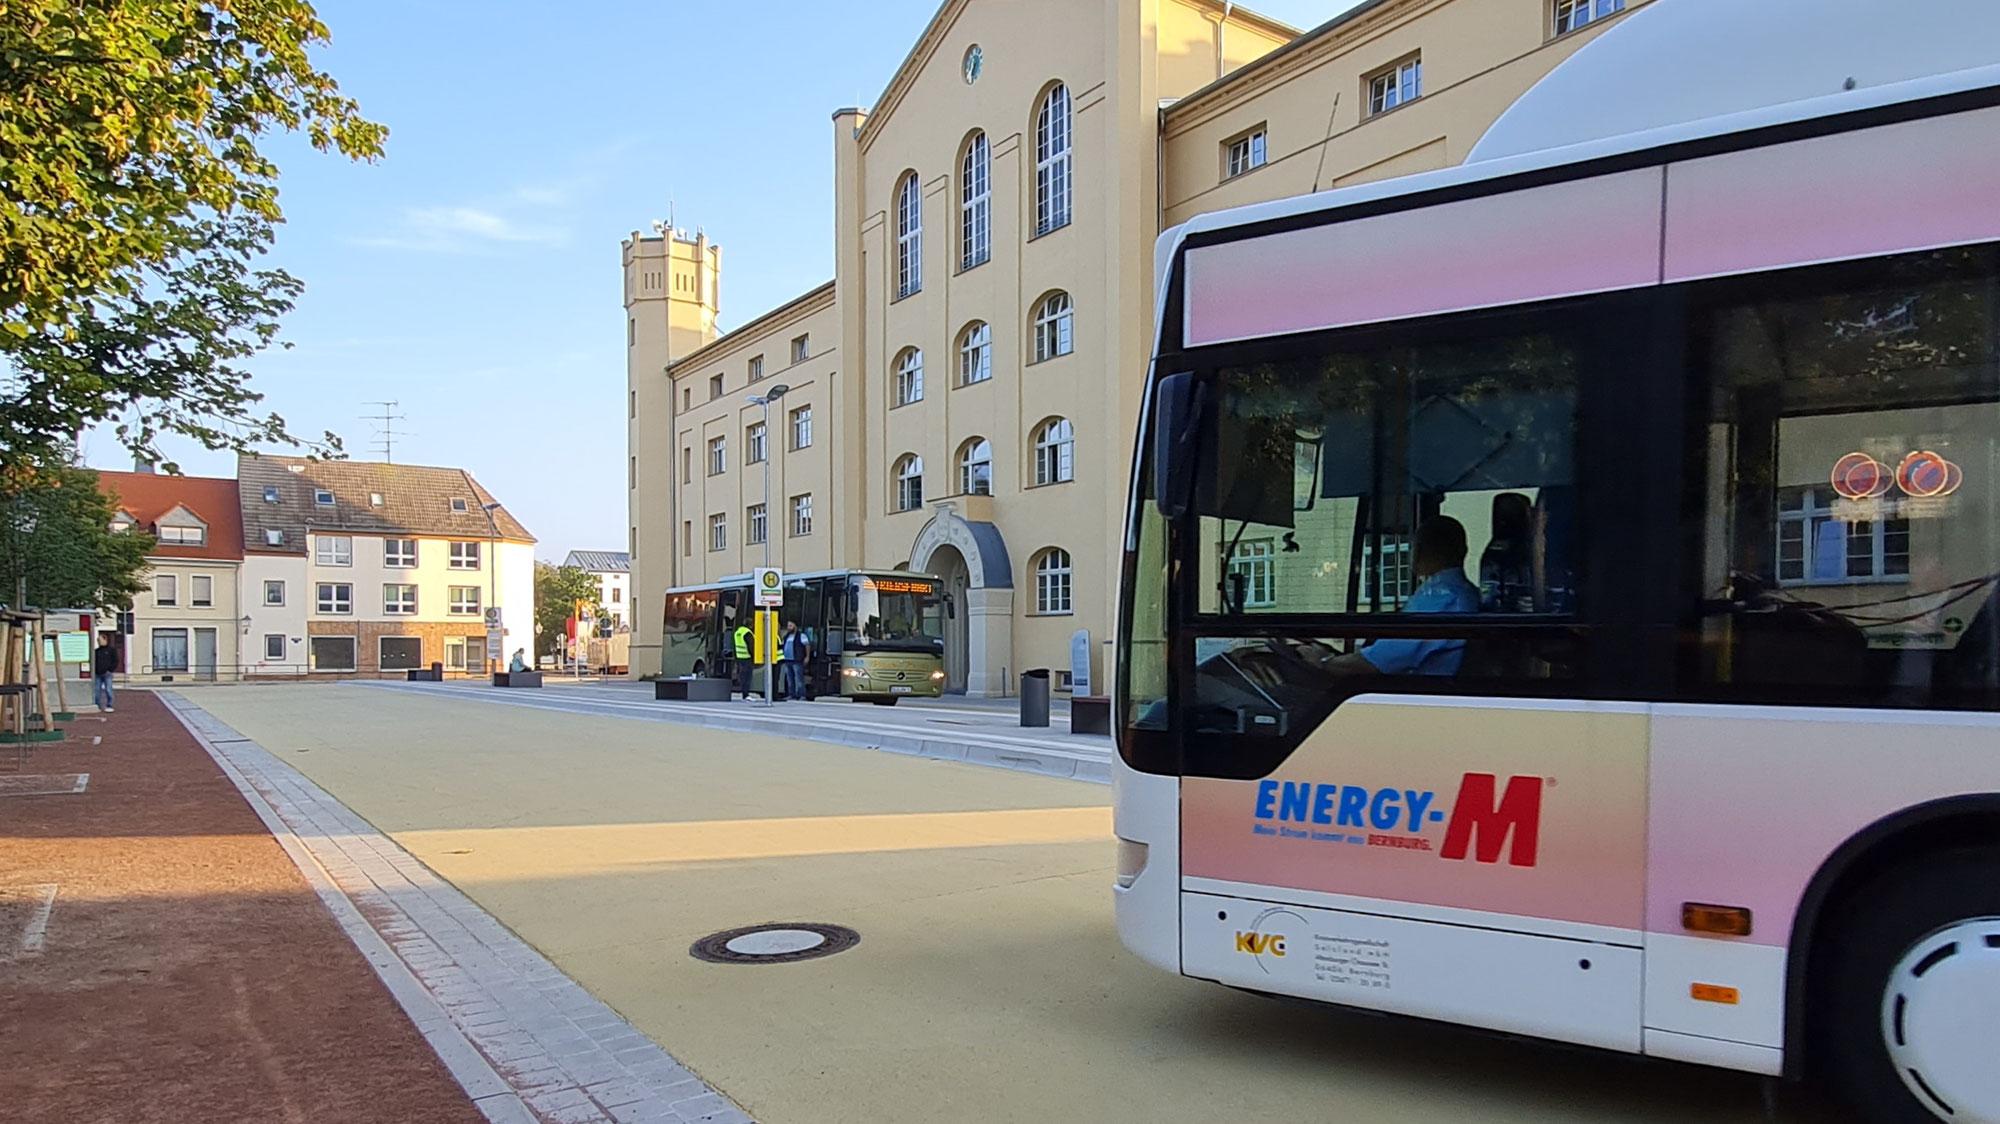 Busse fahren seit heute über Rendezvousbushaltestelle